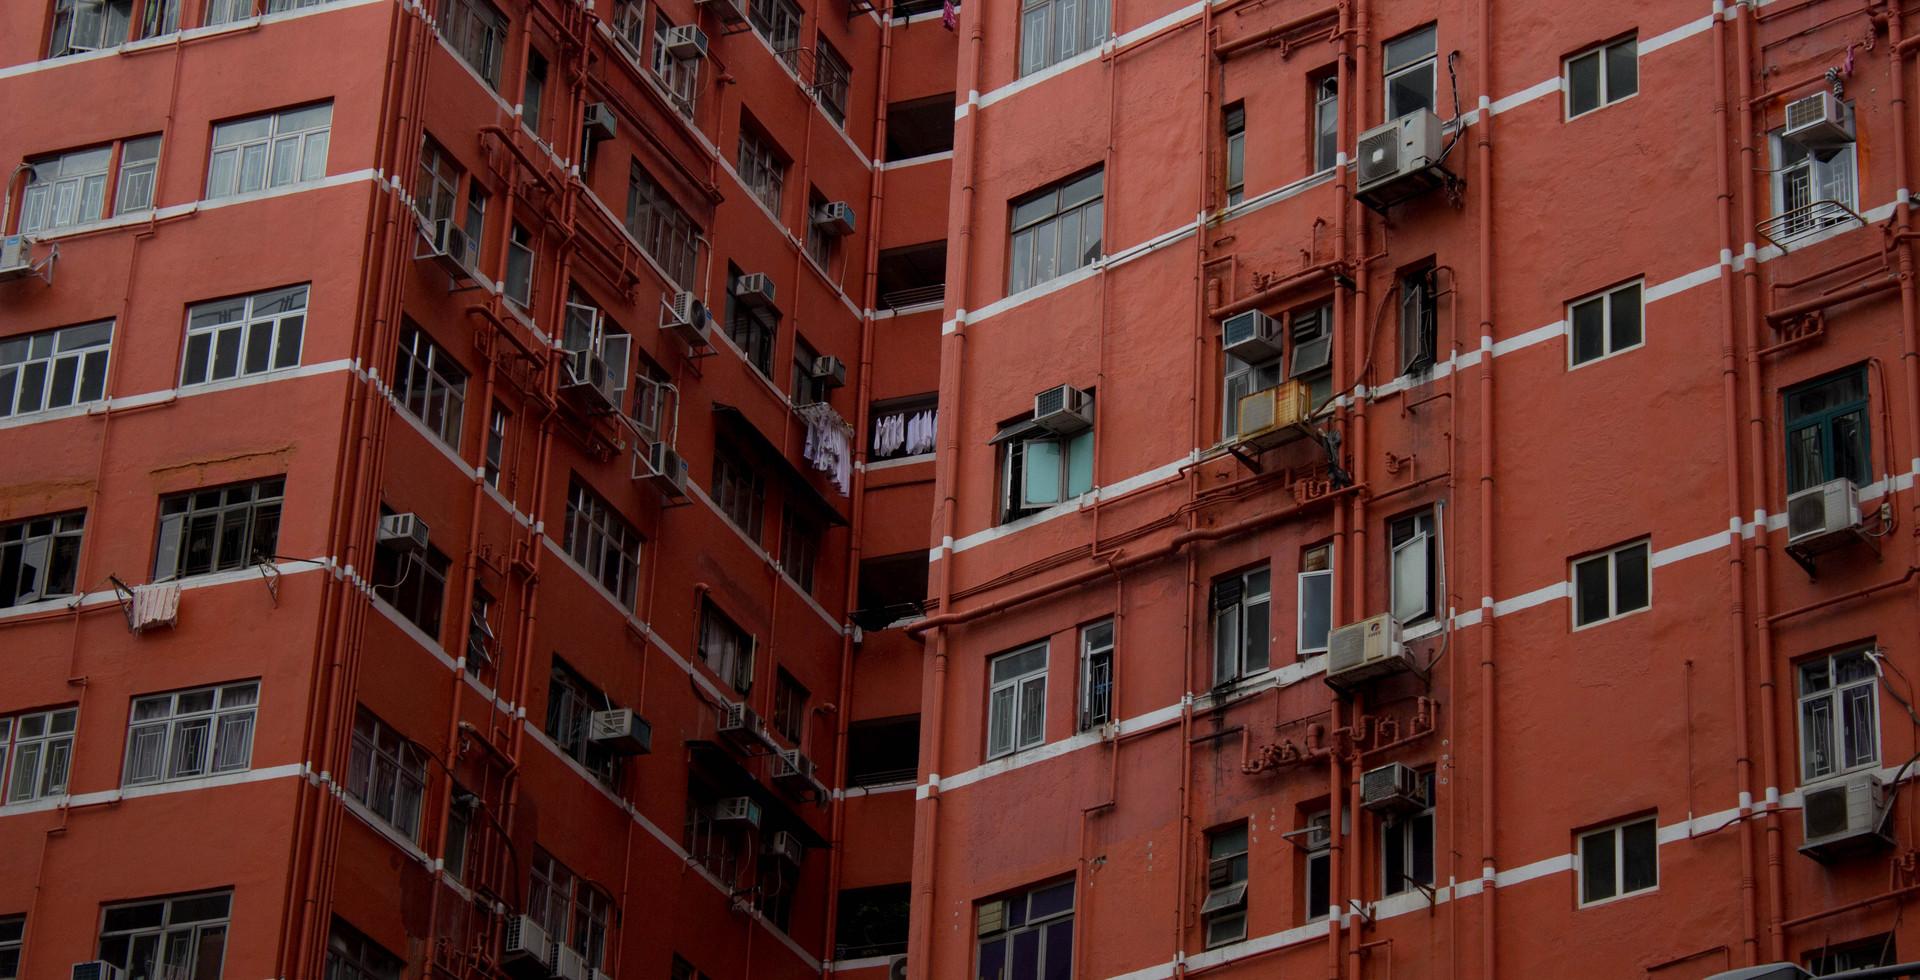 Color Study #3, Hong Kong, 2018